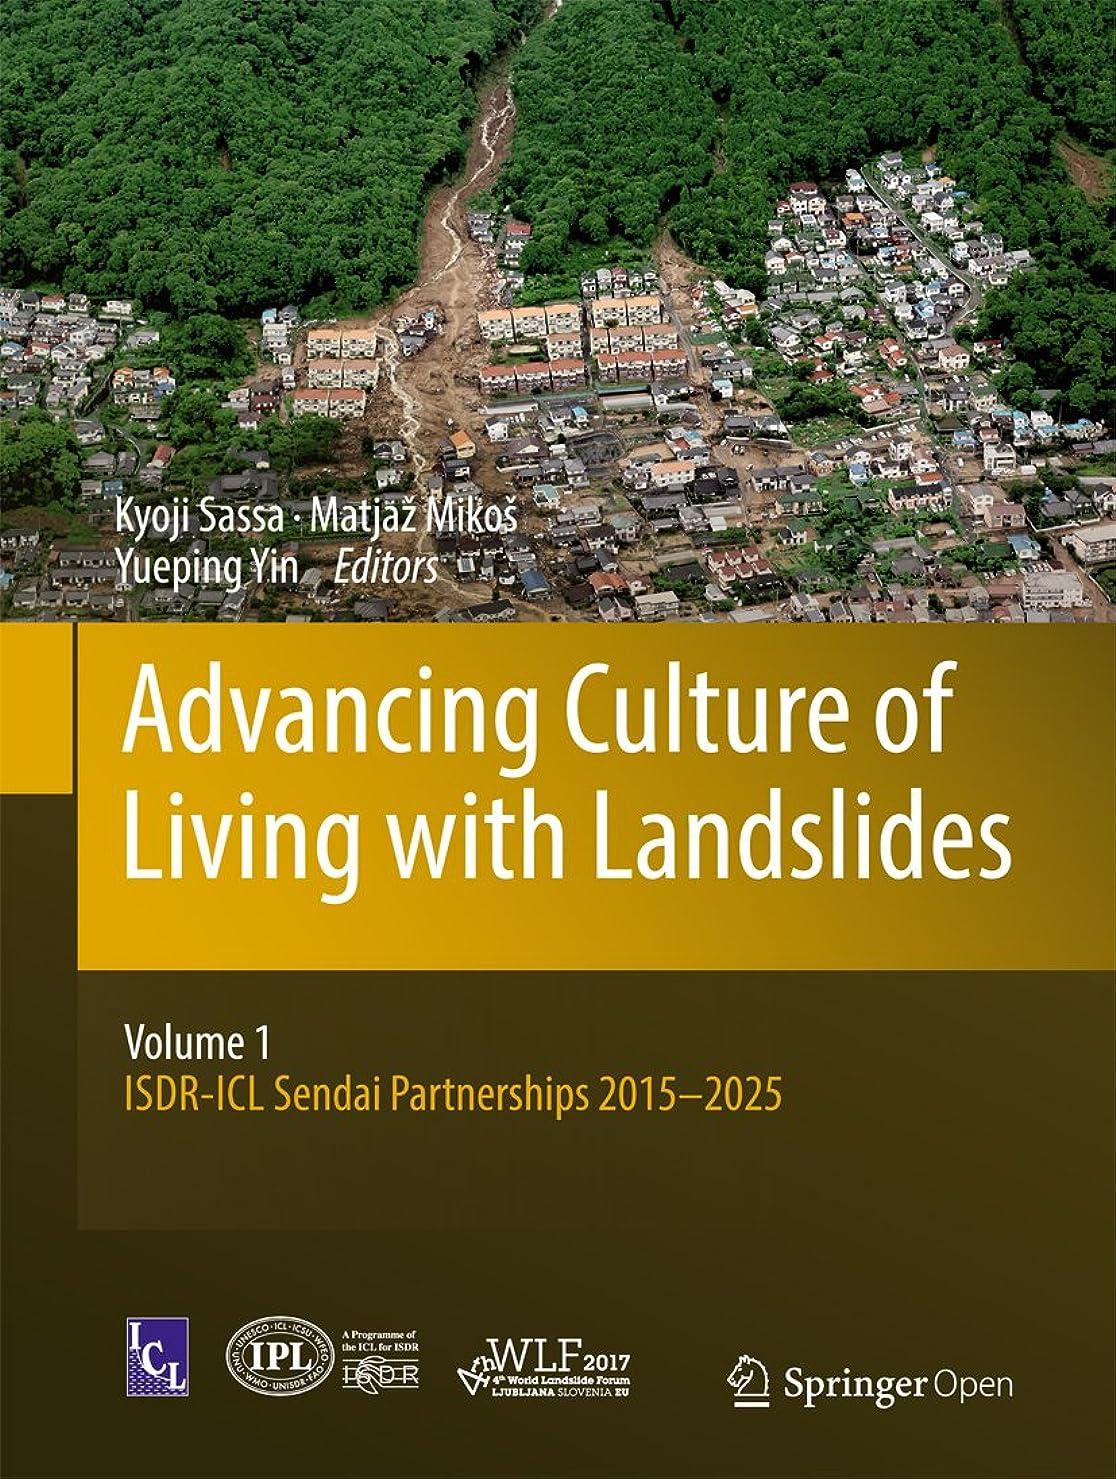 おじいちゃんトランスペアレント違反Advancing Culture of Living with Landslides: Volume 1 ISDR-ICL Sendai Partnerships 2015-2025 (English Edition)